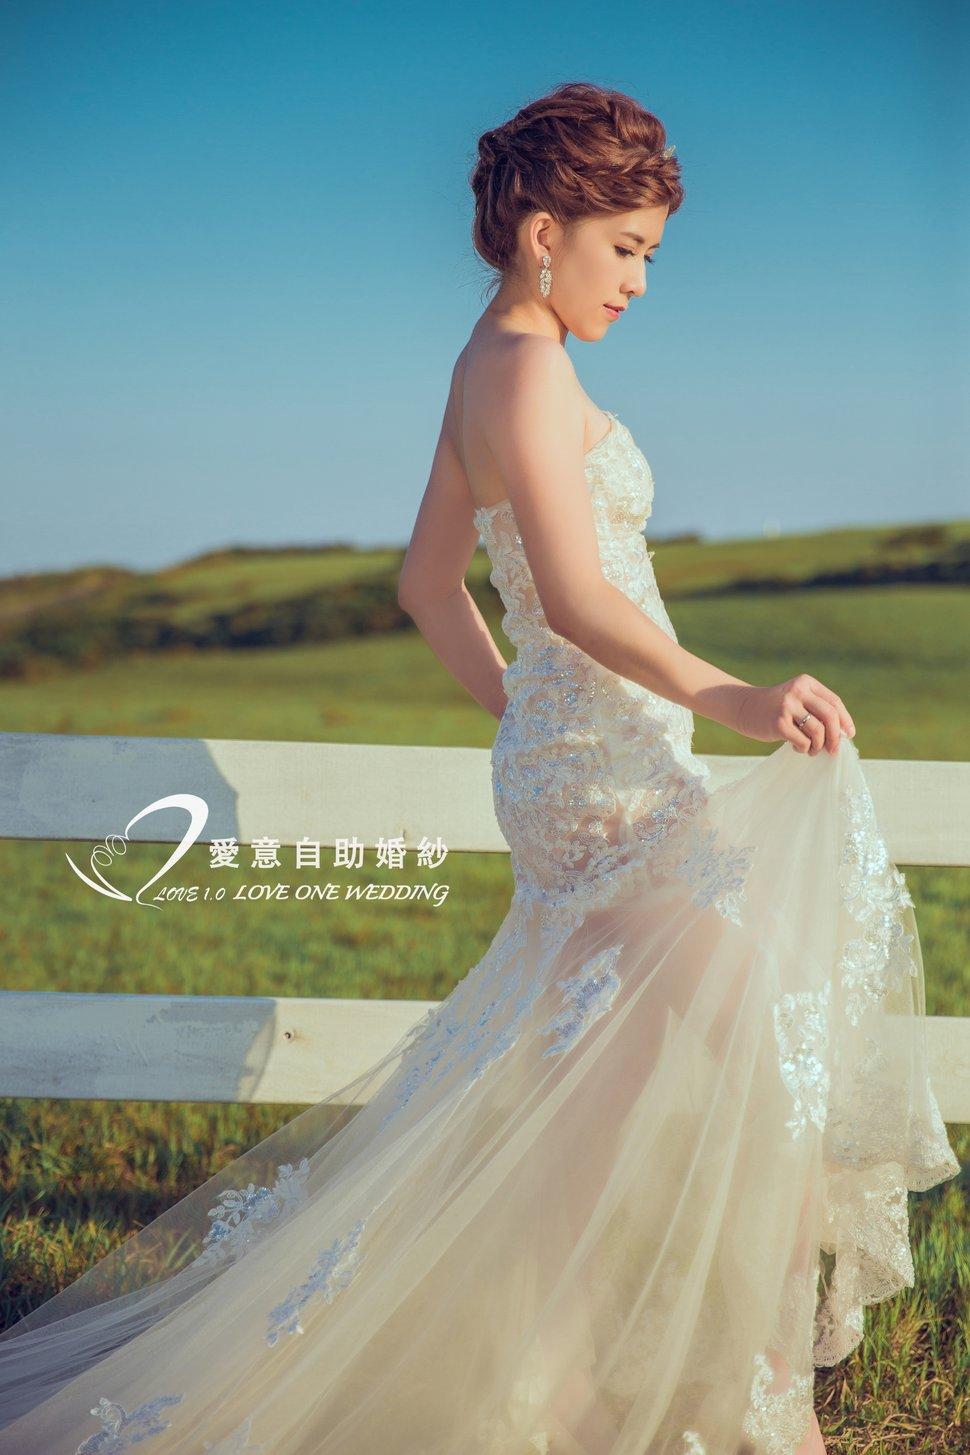 墾丁婚紗推薦1111 - 高雄婚紗愛意婚紗攝影工作室《結婚吧》